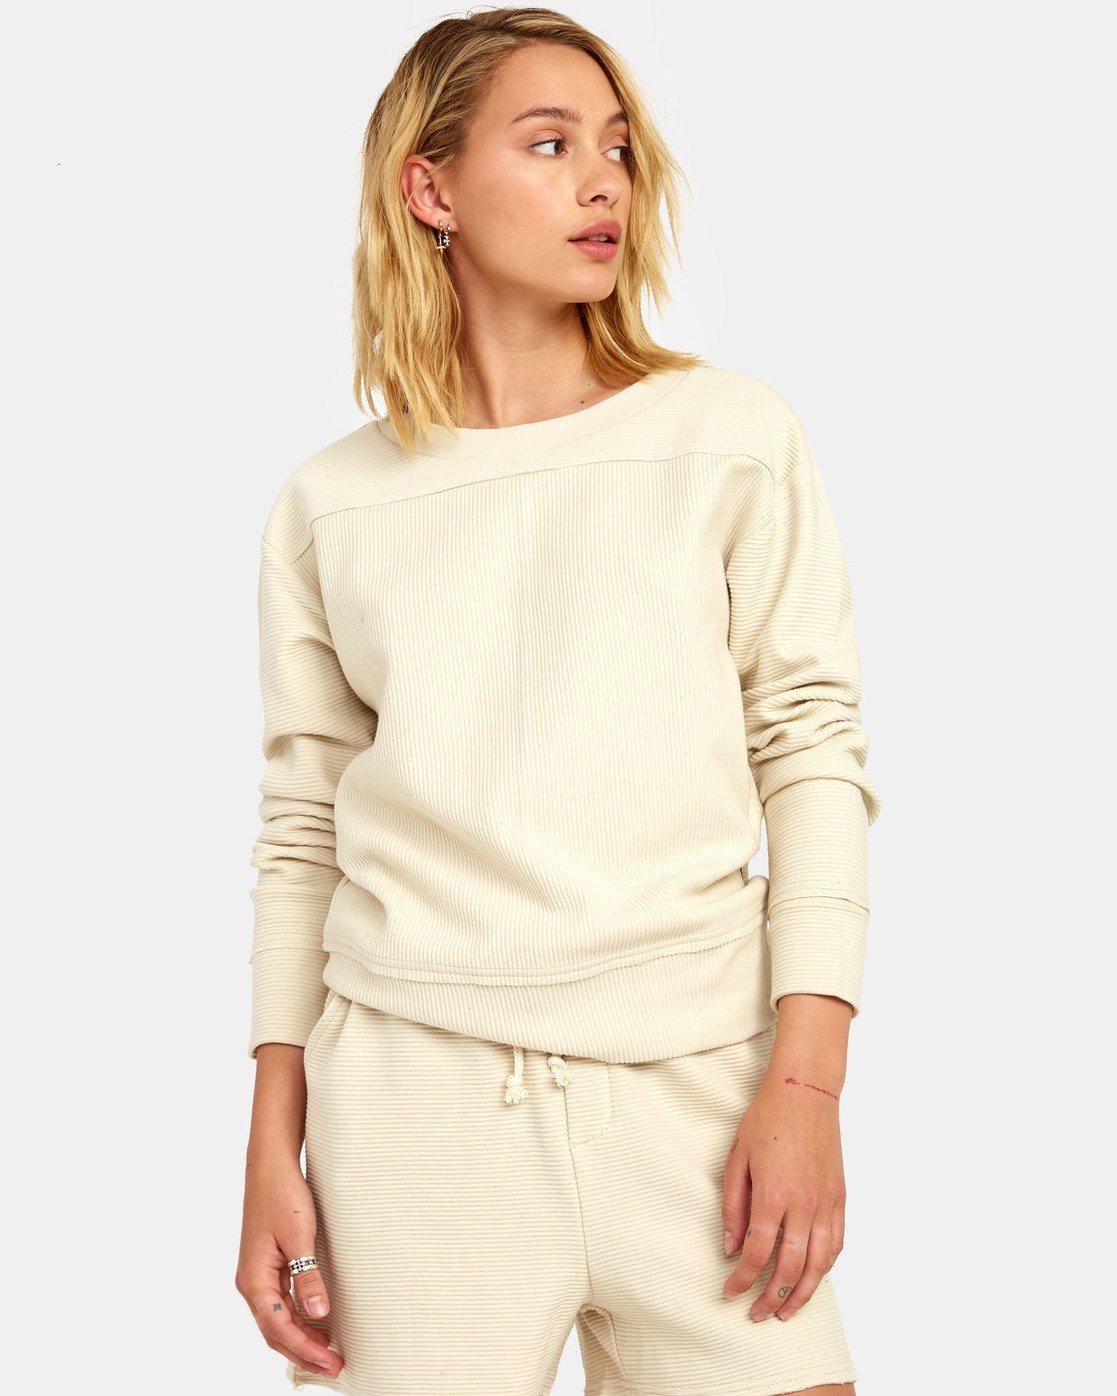 2 Maddy Top - Sweatshirt for Women Beige S3FLRDRVP0 RVCA